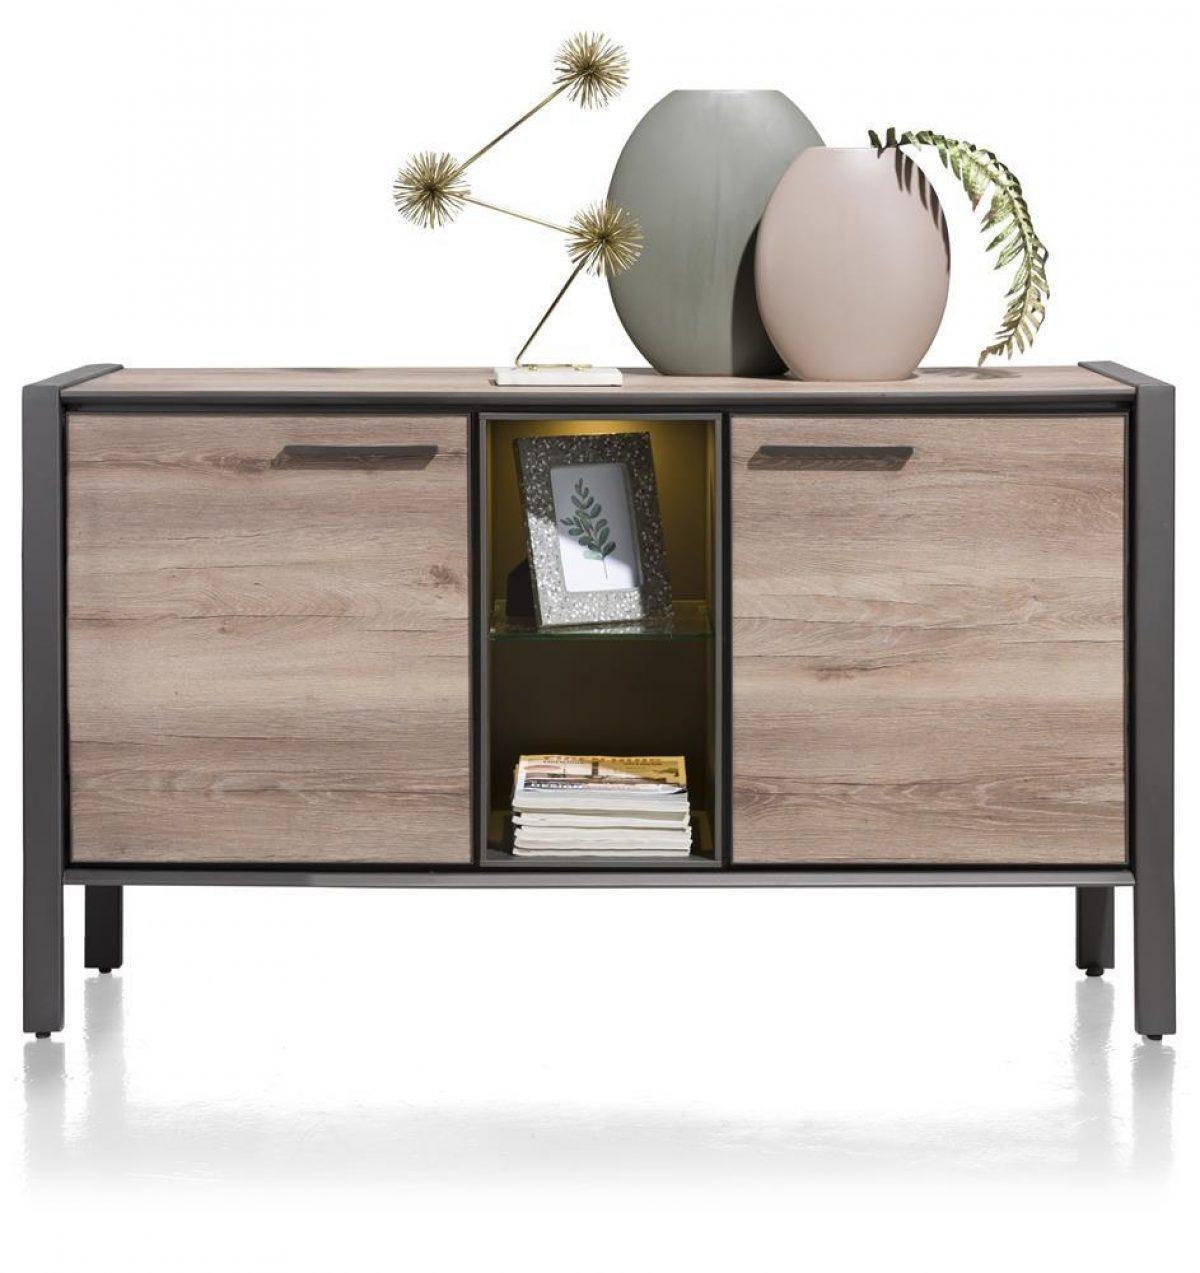 Hen 40598 copenhagen dressoir 150cm front